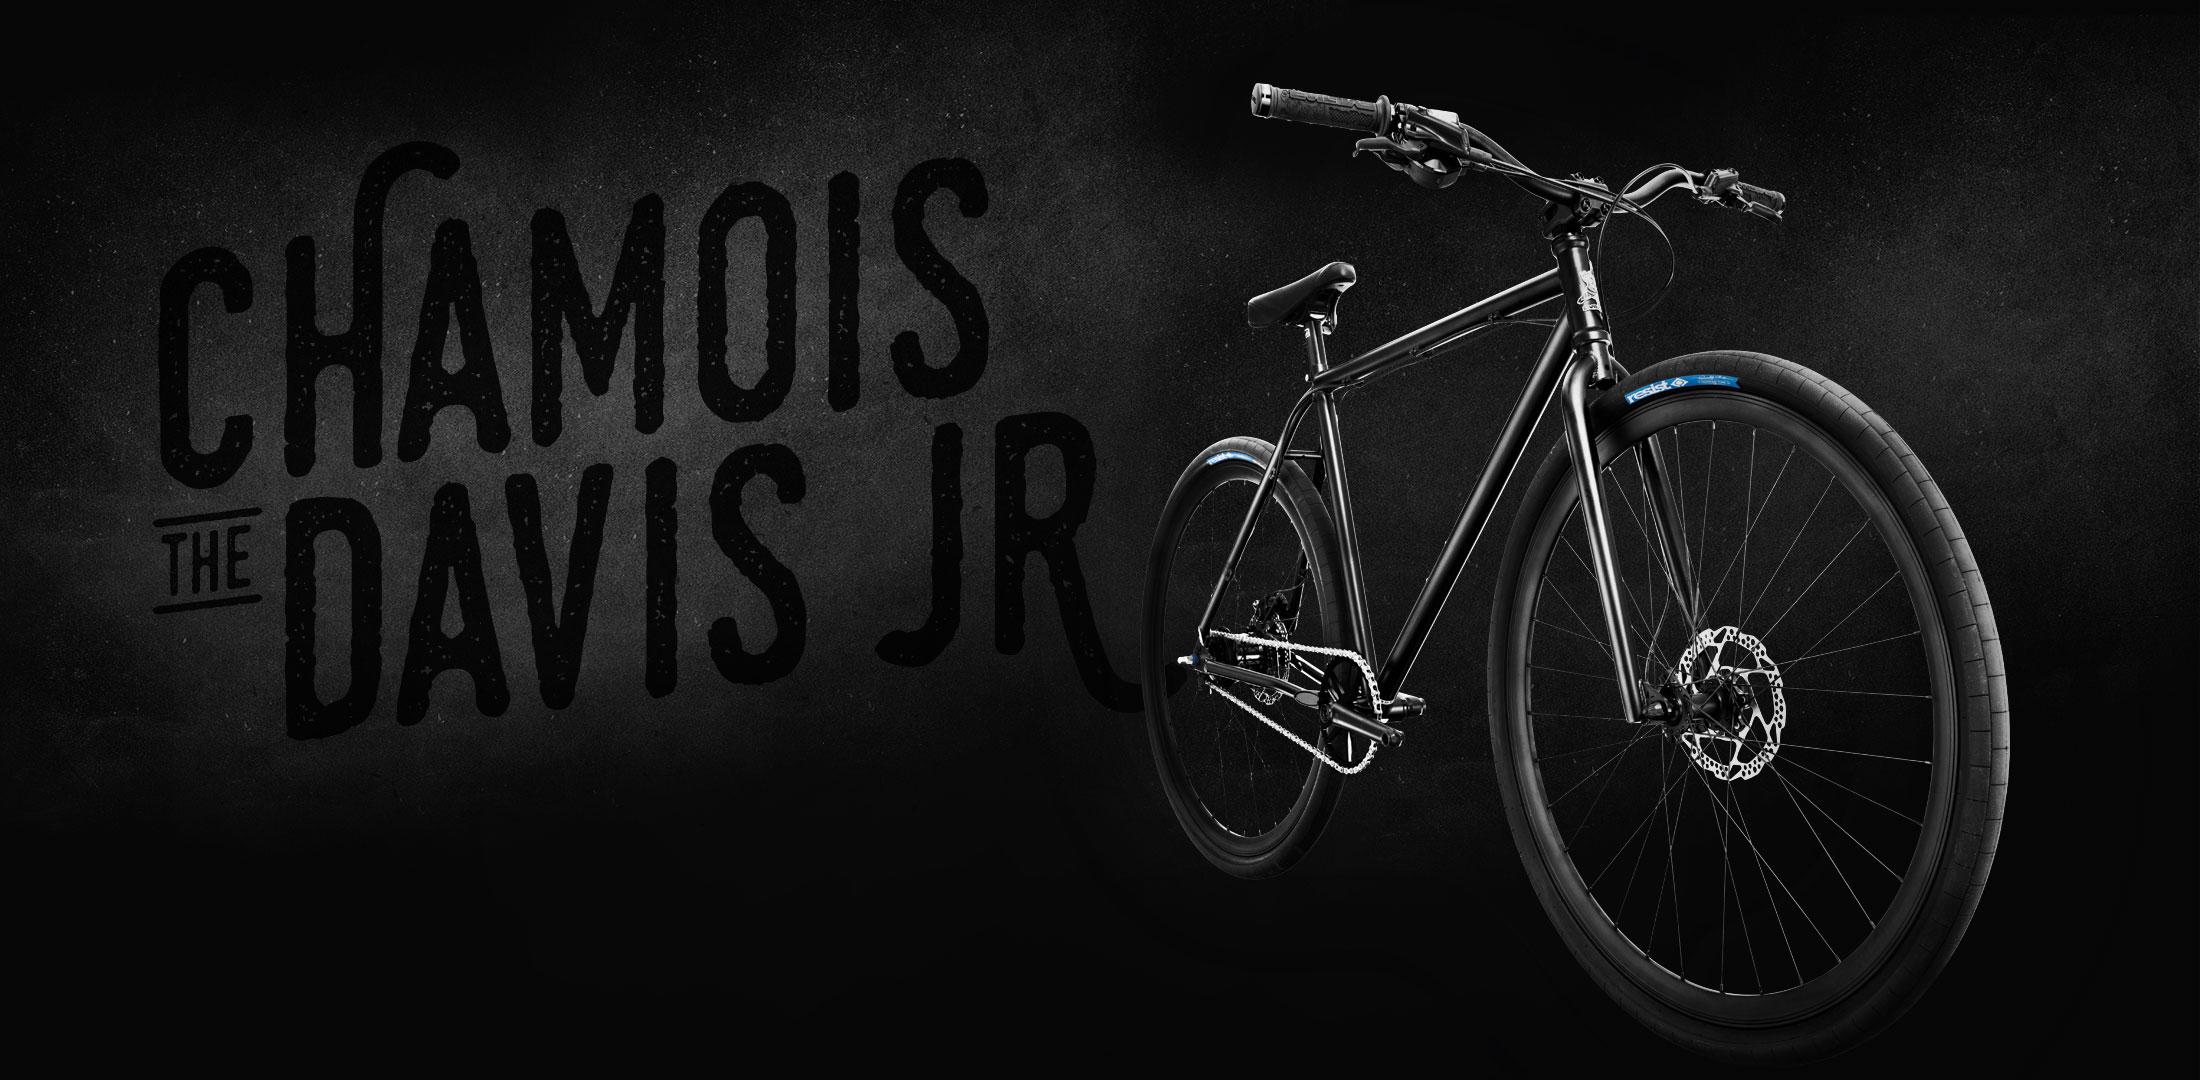 evil-chamois-davis-jr-bike-hero-2200x1080